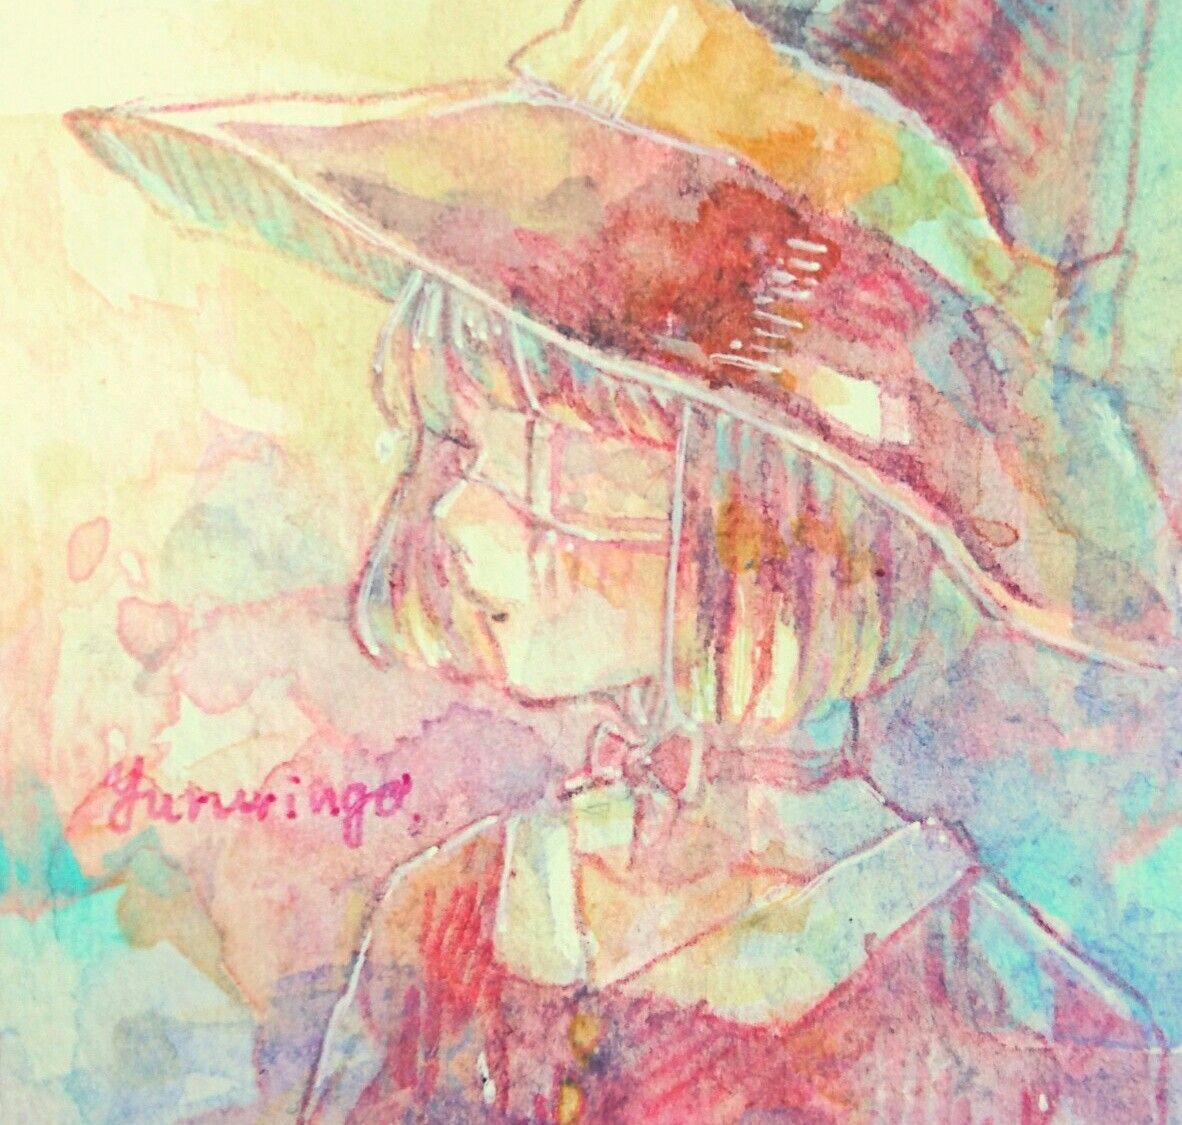 ミネ #illustration #original